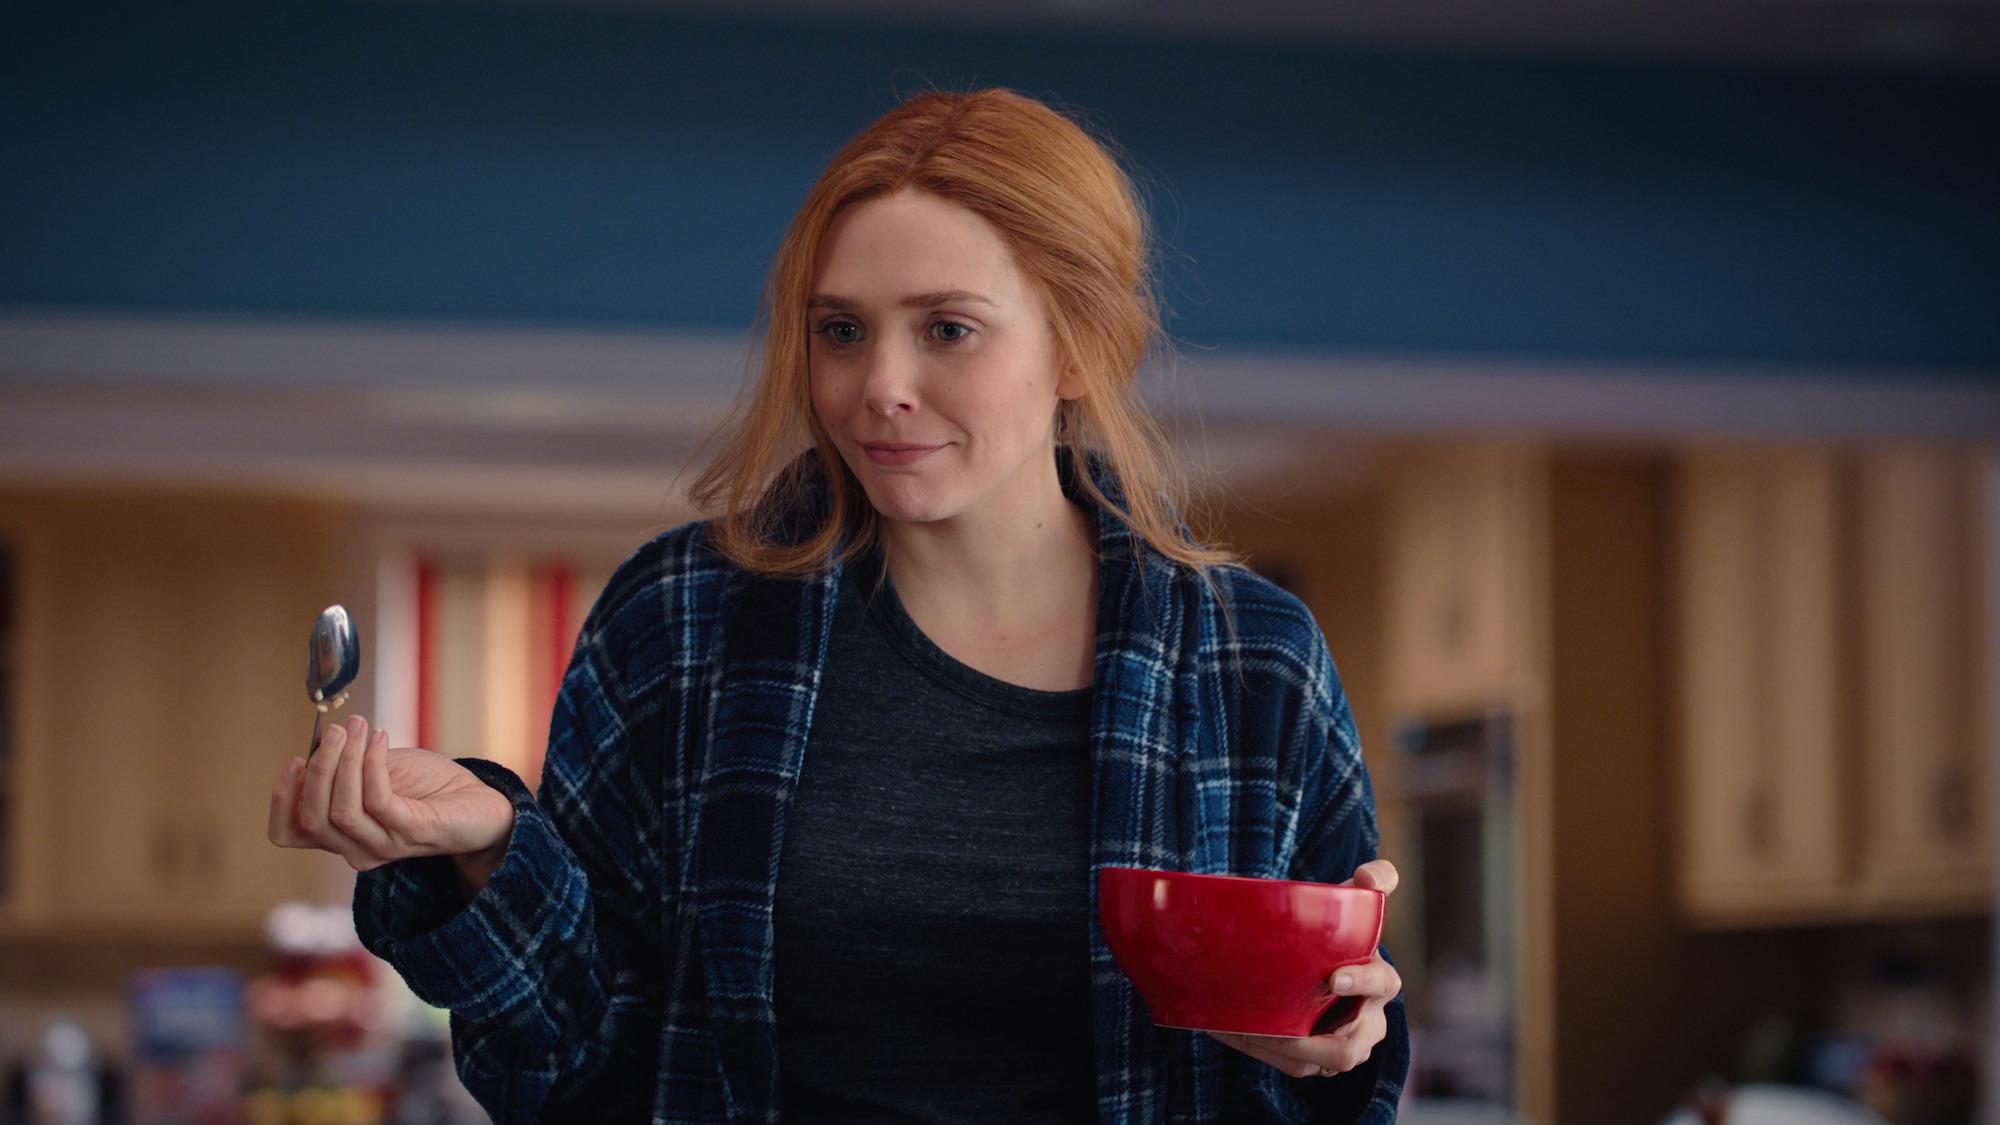 Elizabeth Olsen as Wanda Maximoff in 'WandaVision' Episode 7